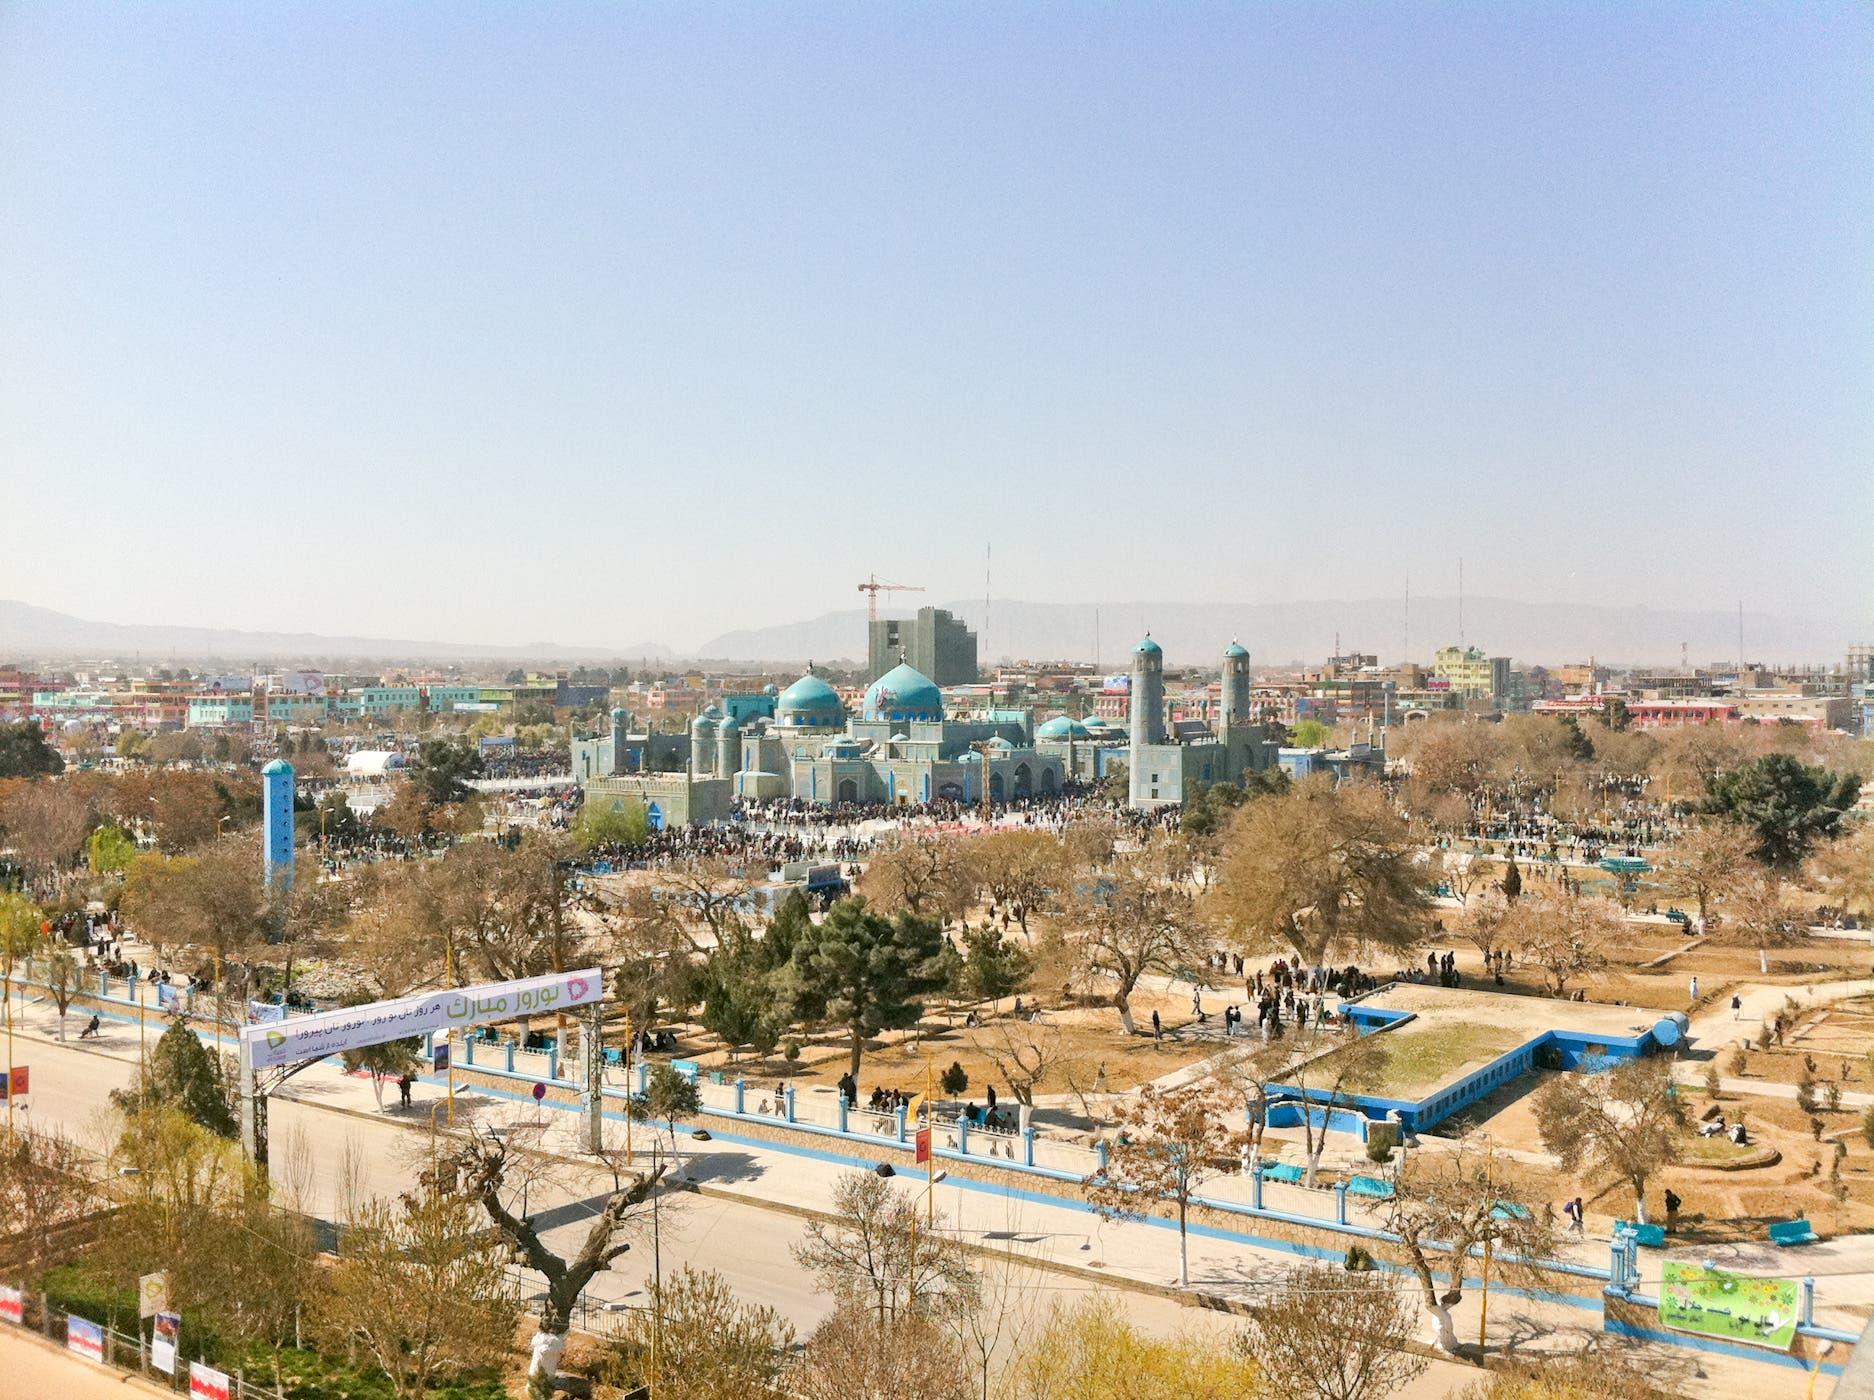 صورة لجانب من مدينة مزار شريف